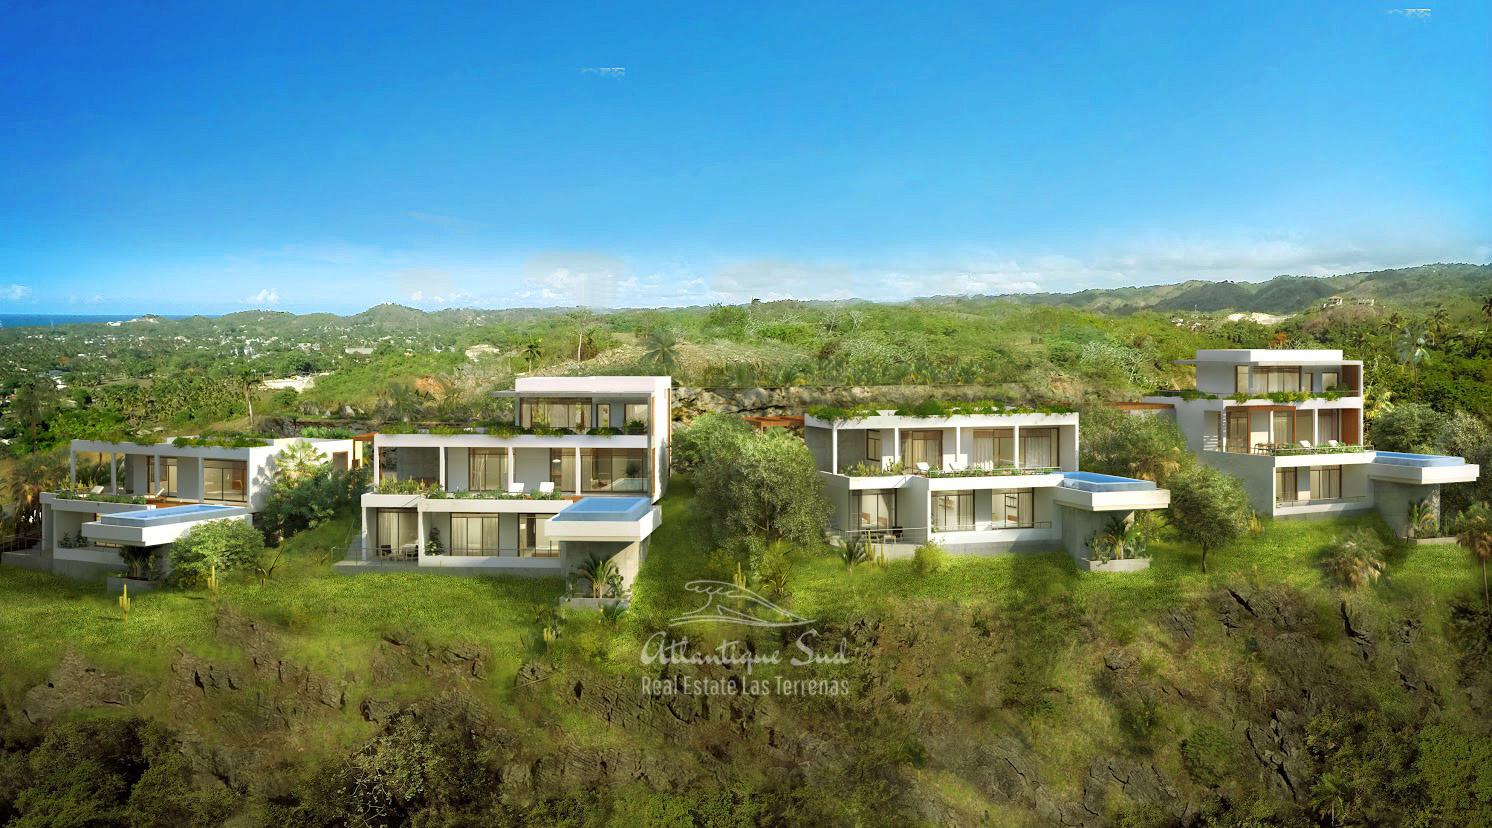 Ecofriendly Villas under development on a hillside with amazing ocean views in Las Terrenas Real Estate Dominican Republic5.jpg